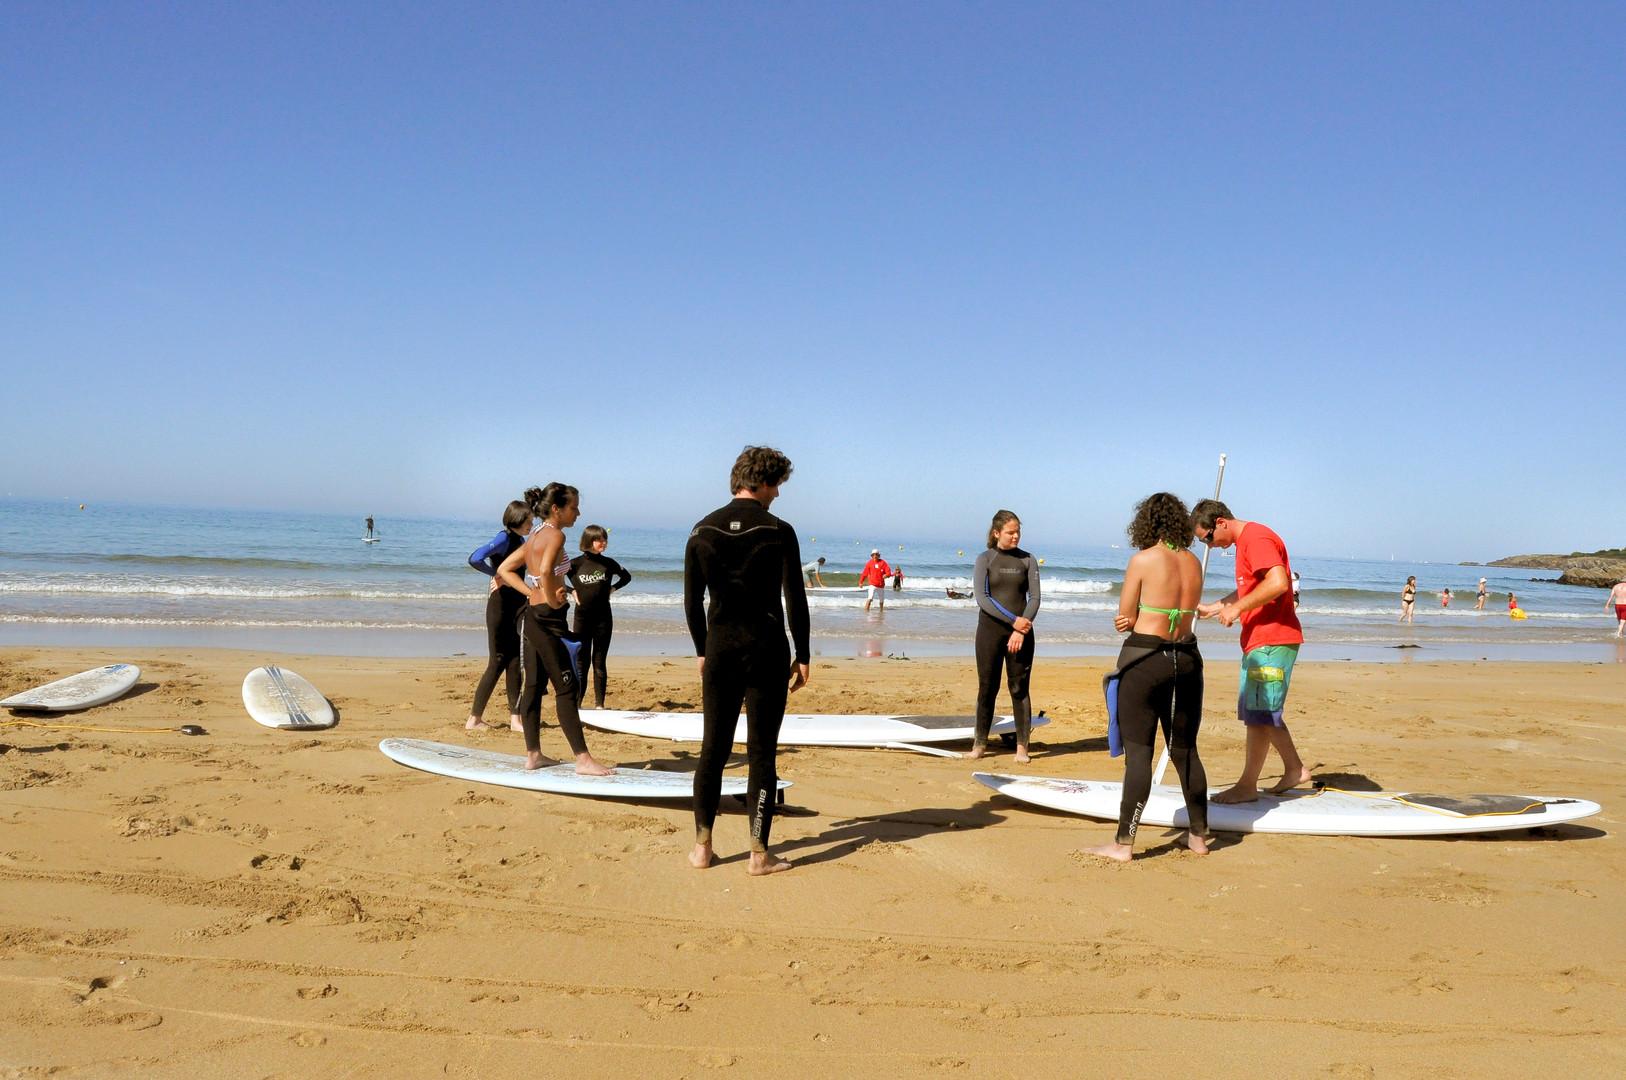 mini groupe, activité de groupe pour découvrir le stand up paddle en finistère sud avec l'école de surf de Bretagne de Clohars Carnoet